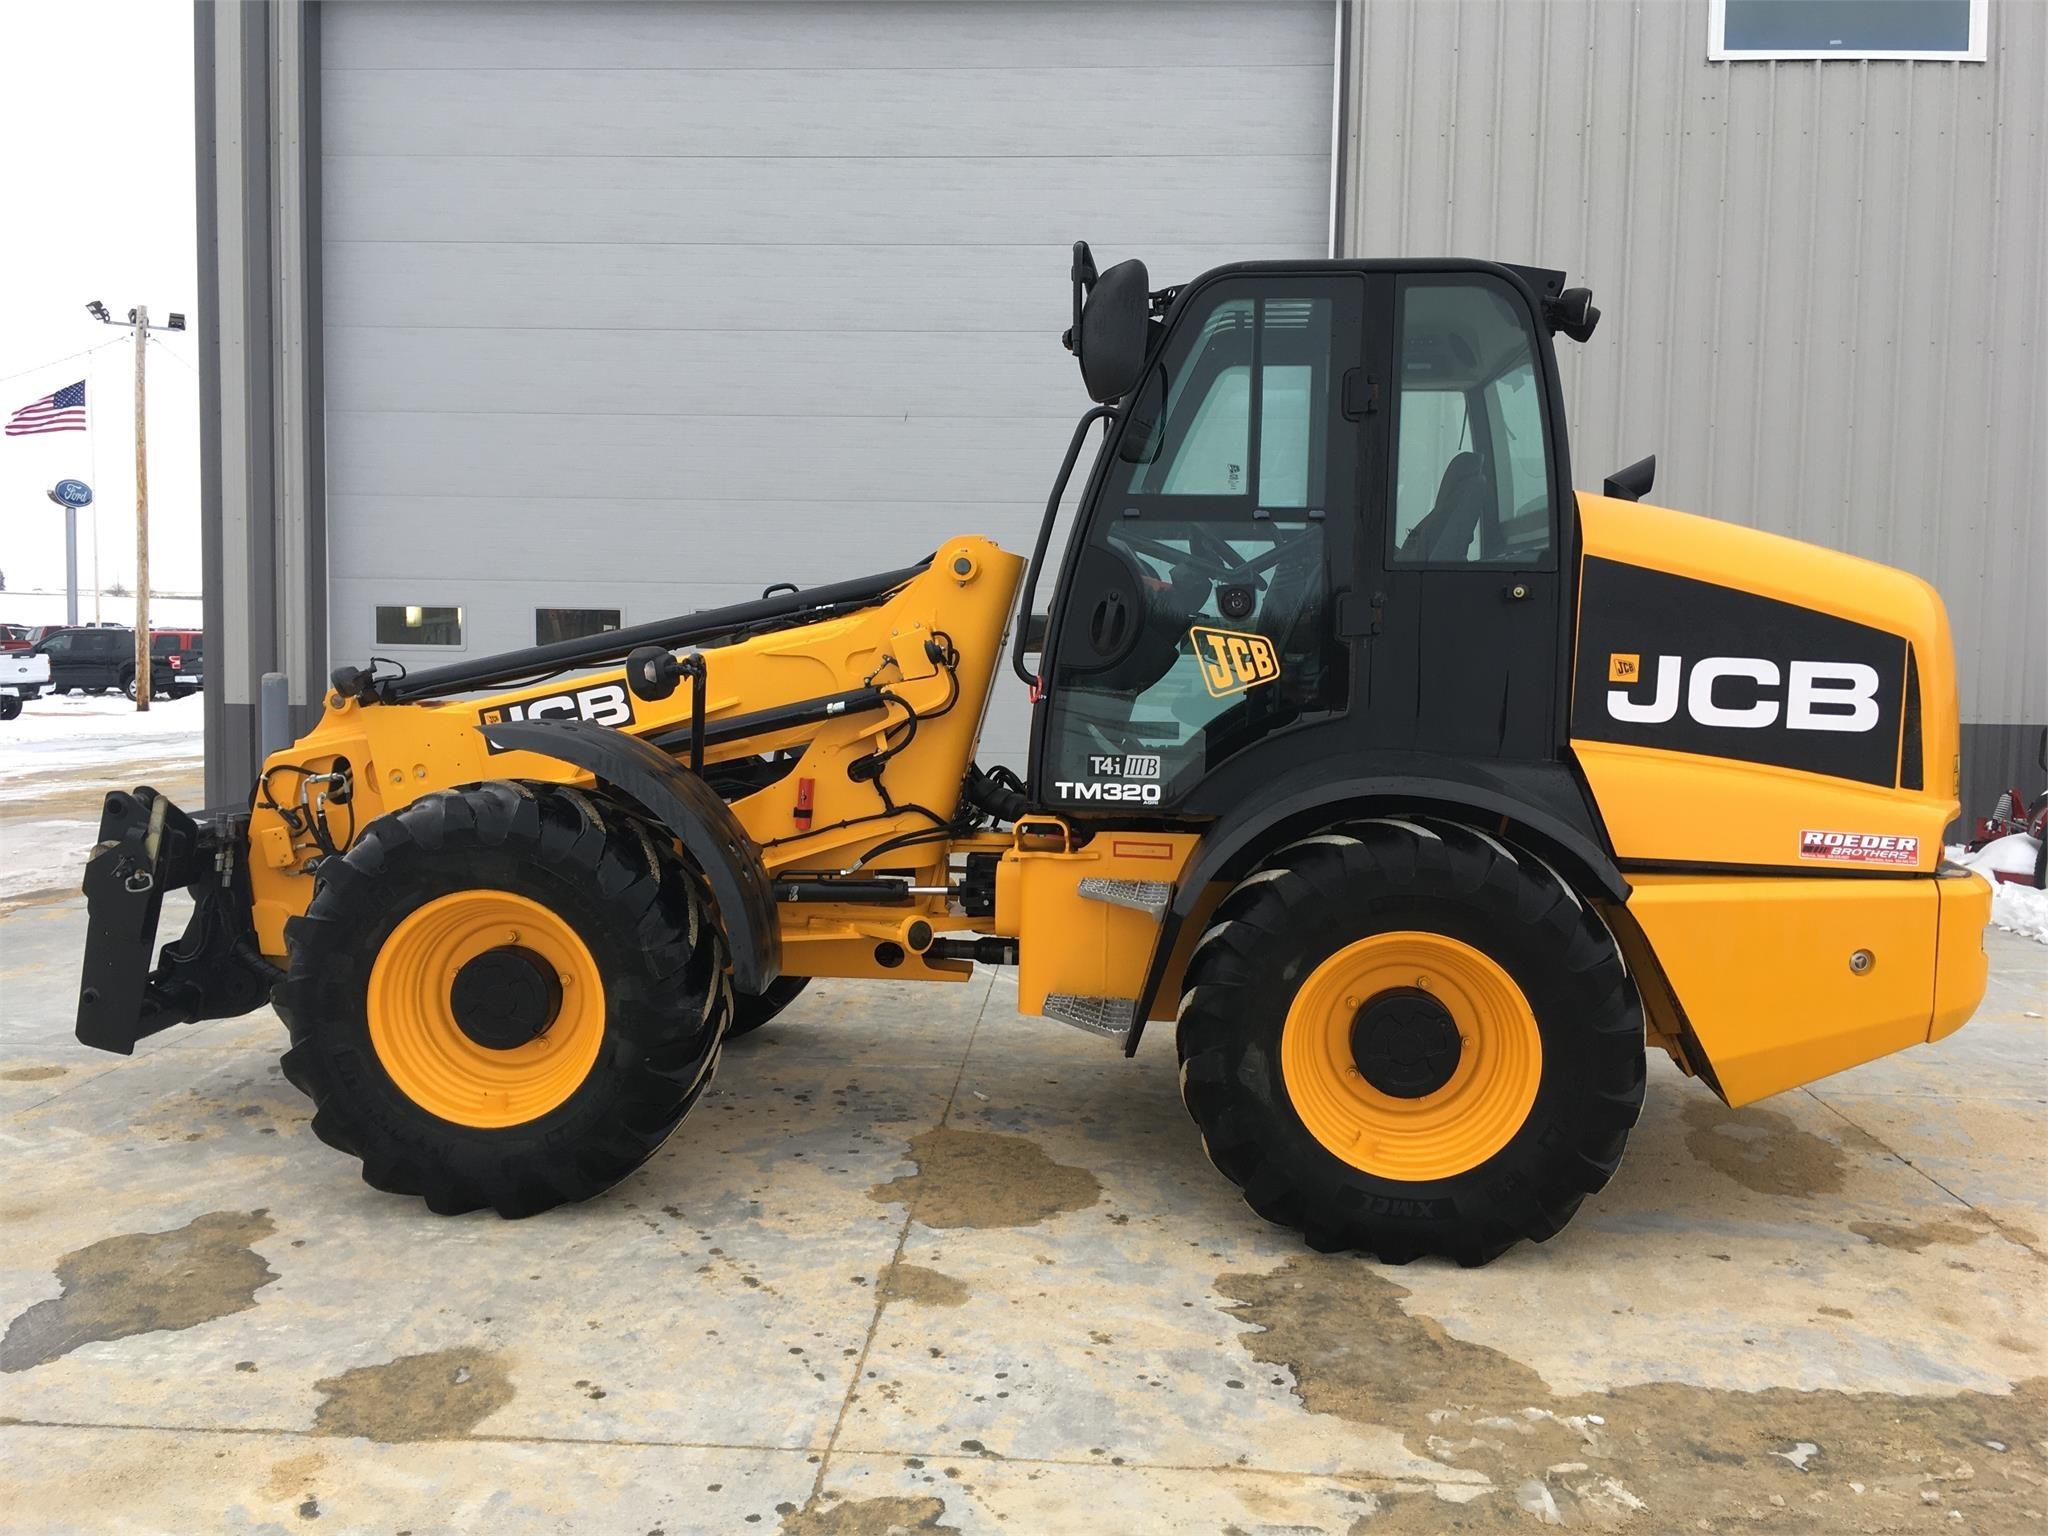 2014 JCB TM320 AGRI Wheel Loader